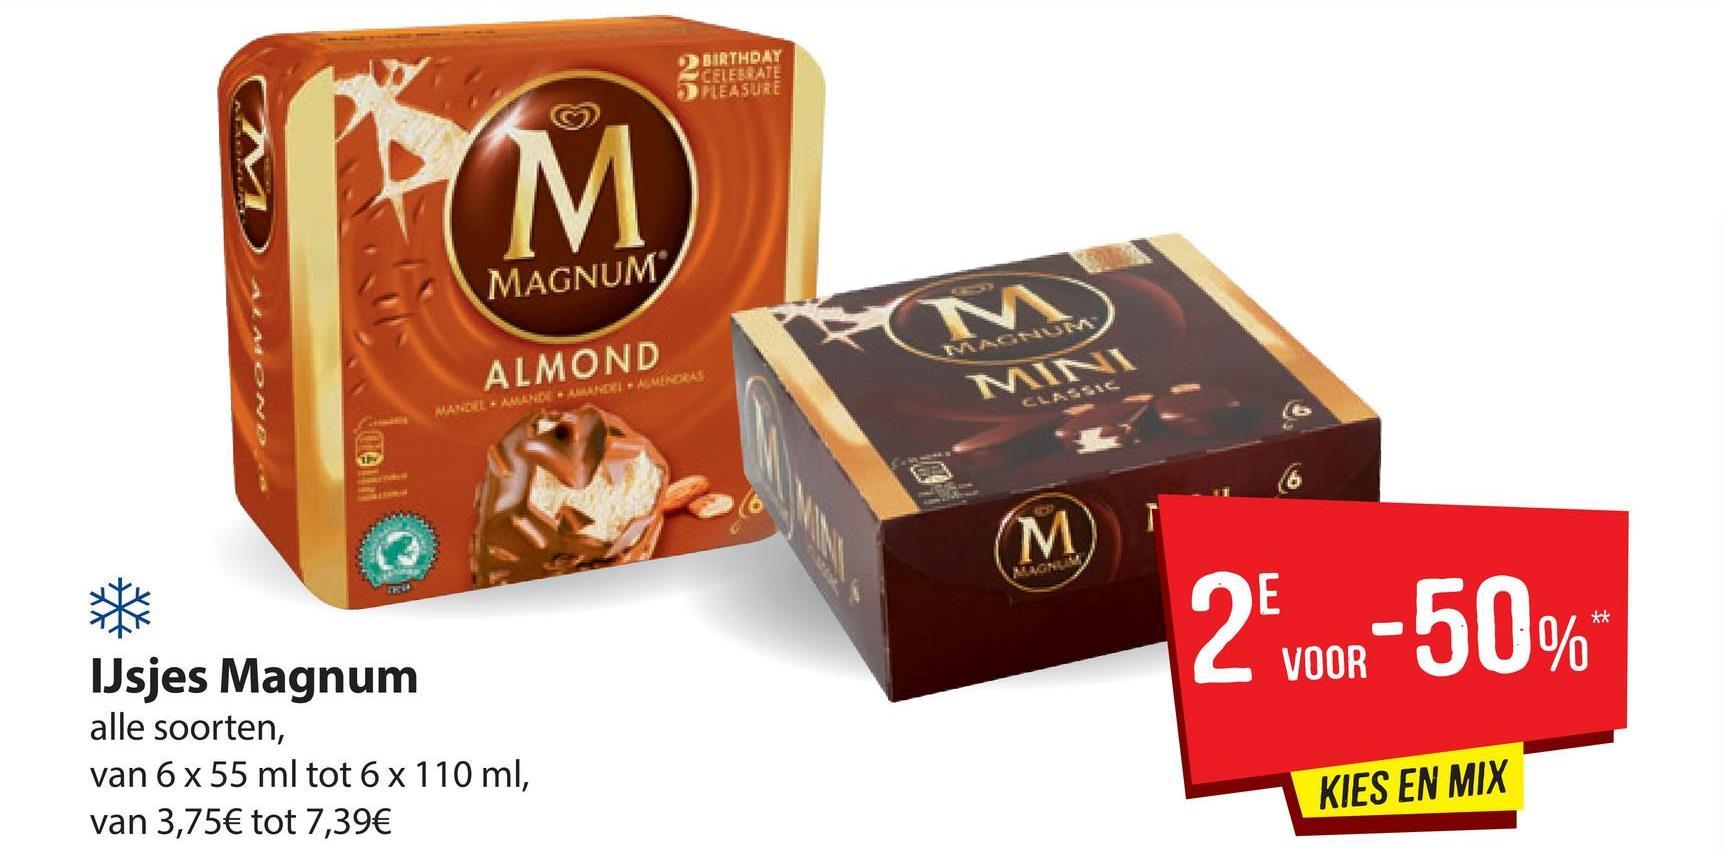 BIRTHDAY CELEBRATE PLEASURE CM MAGNUM CHUN MOND ALMOND - AMELAMINA 2voor-50% IJsjes Magnum alle soorten, van 6 x 55 ml tot 6 x 110 ml, van 3,75€ tot 7,39€ KIES EN MIX